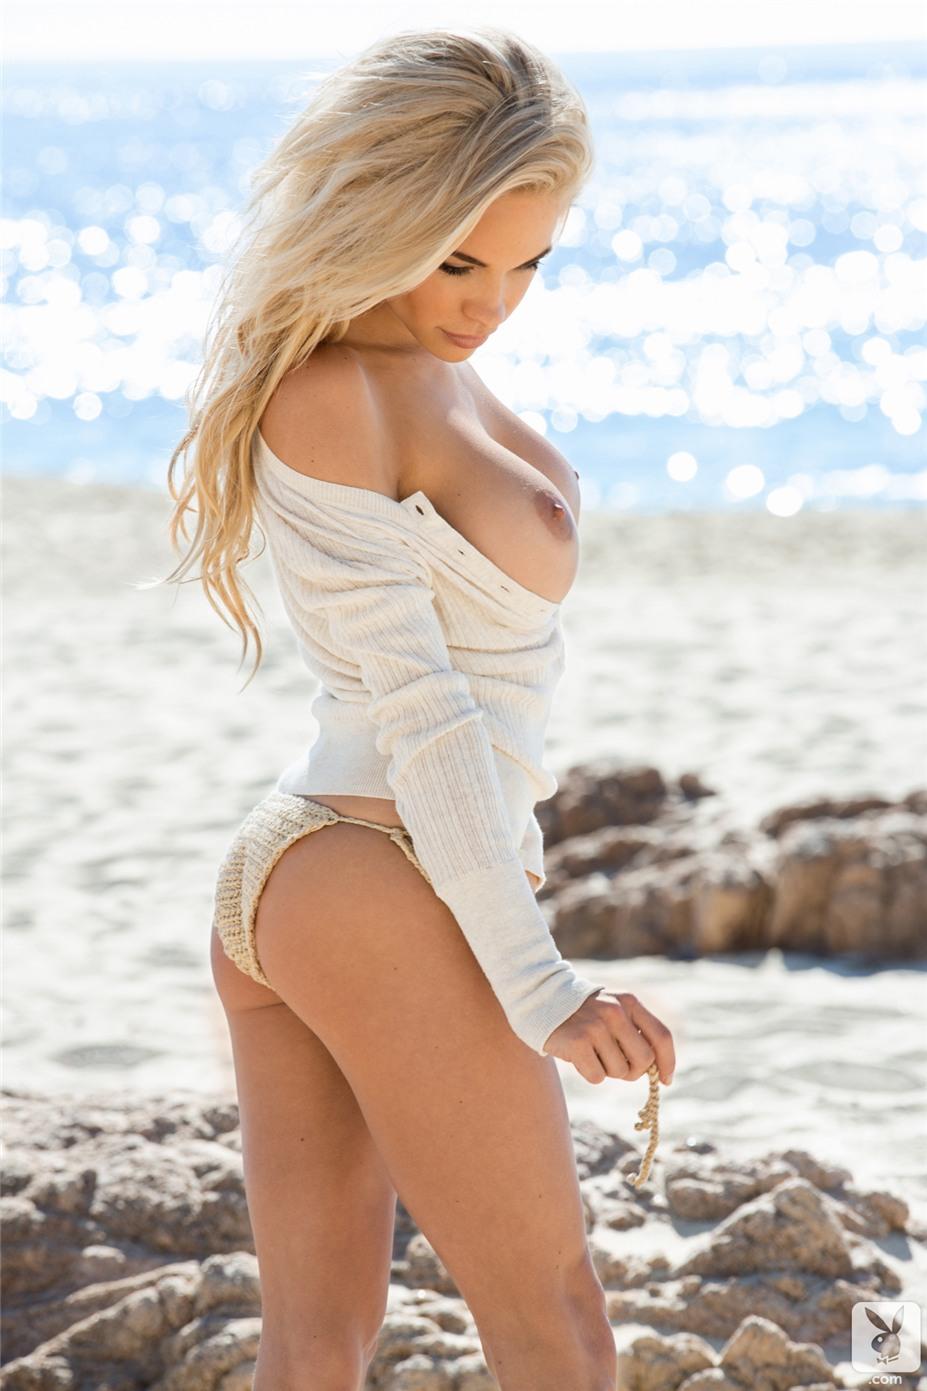 Dani Mathers - Playboy US may 2014 Playmate